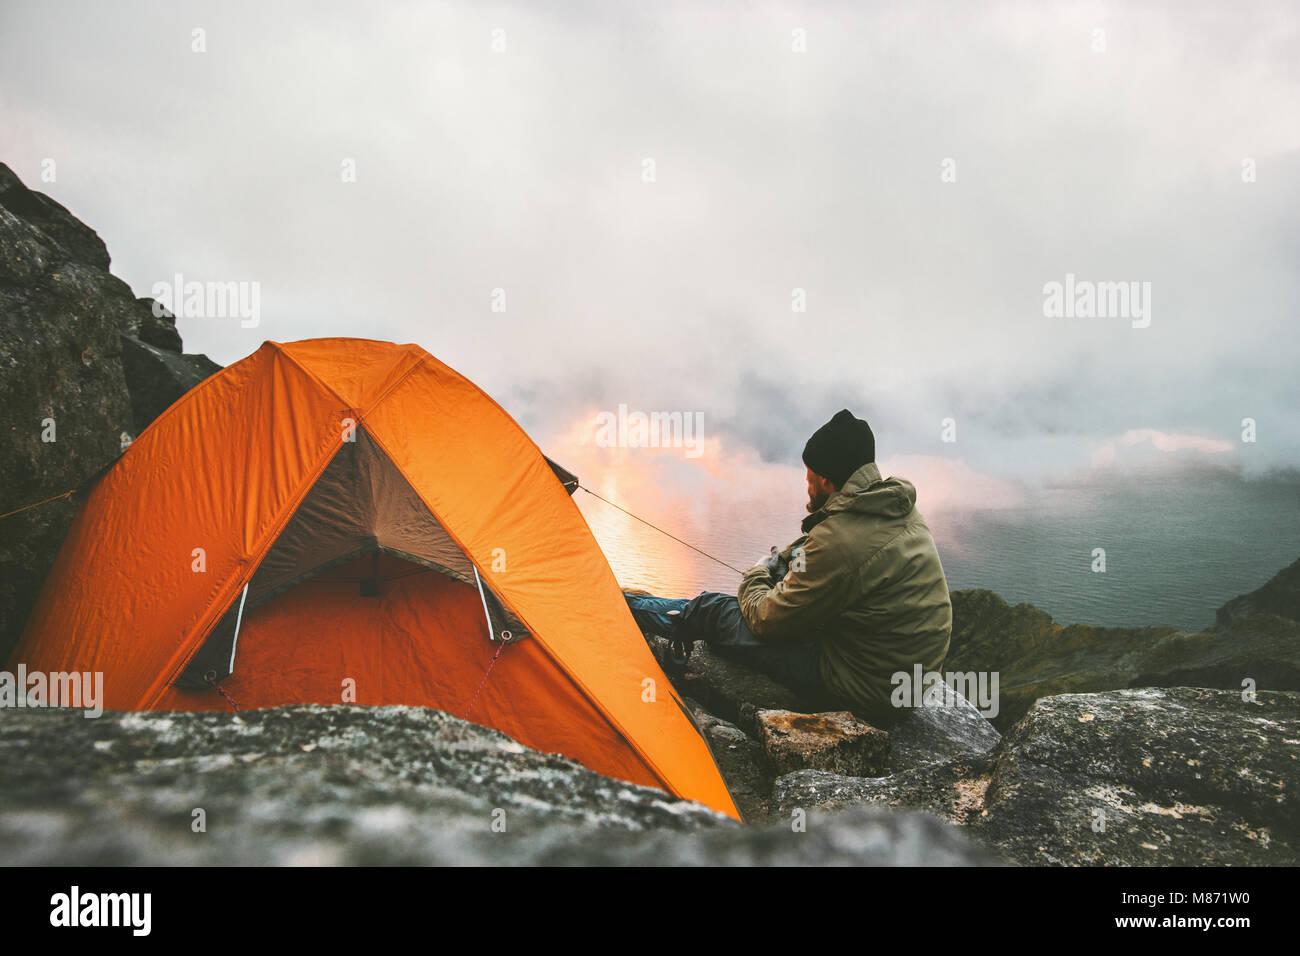 Meilleur homme détente dans les montagnes près de la tente de camping aventure voyage en plein air concept Photo Stock